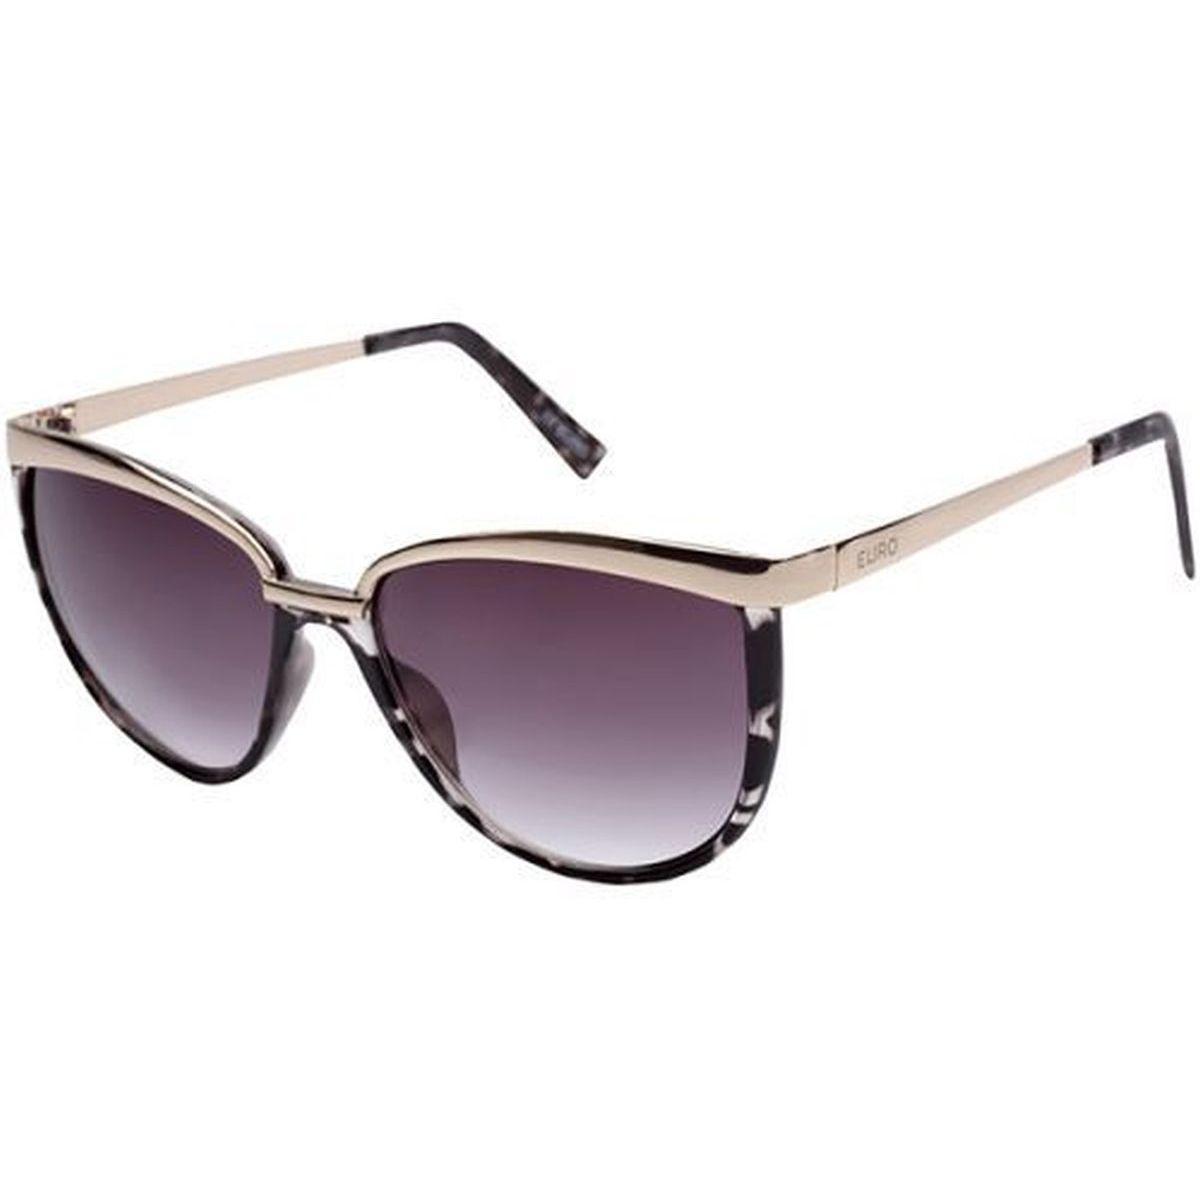 654cd4ea1054e Oculos de Sol Euro Espelhado Feminino - Oc063eu 4m - Óculos de Sol ...